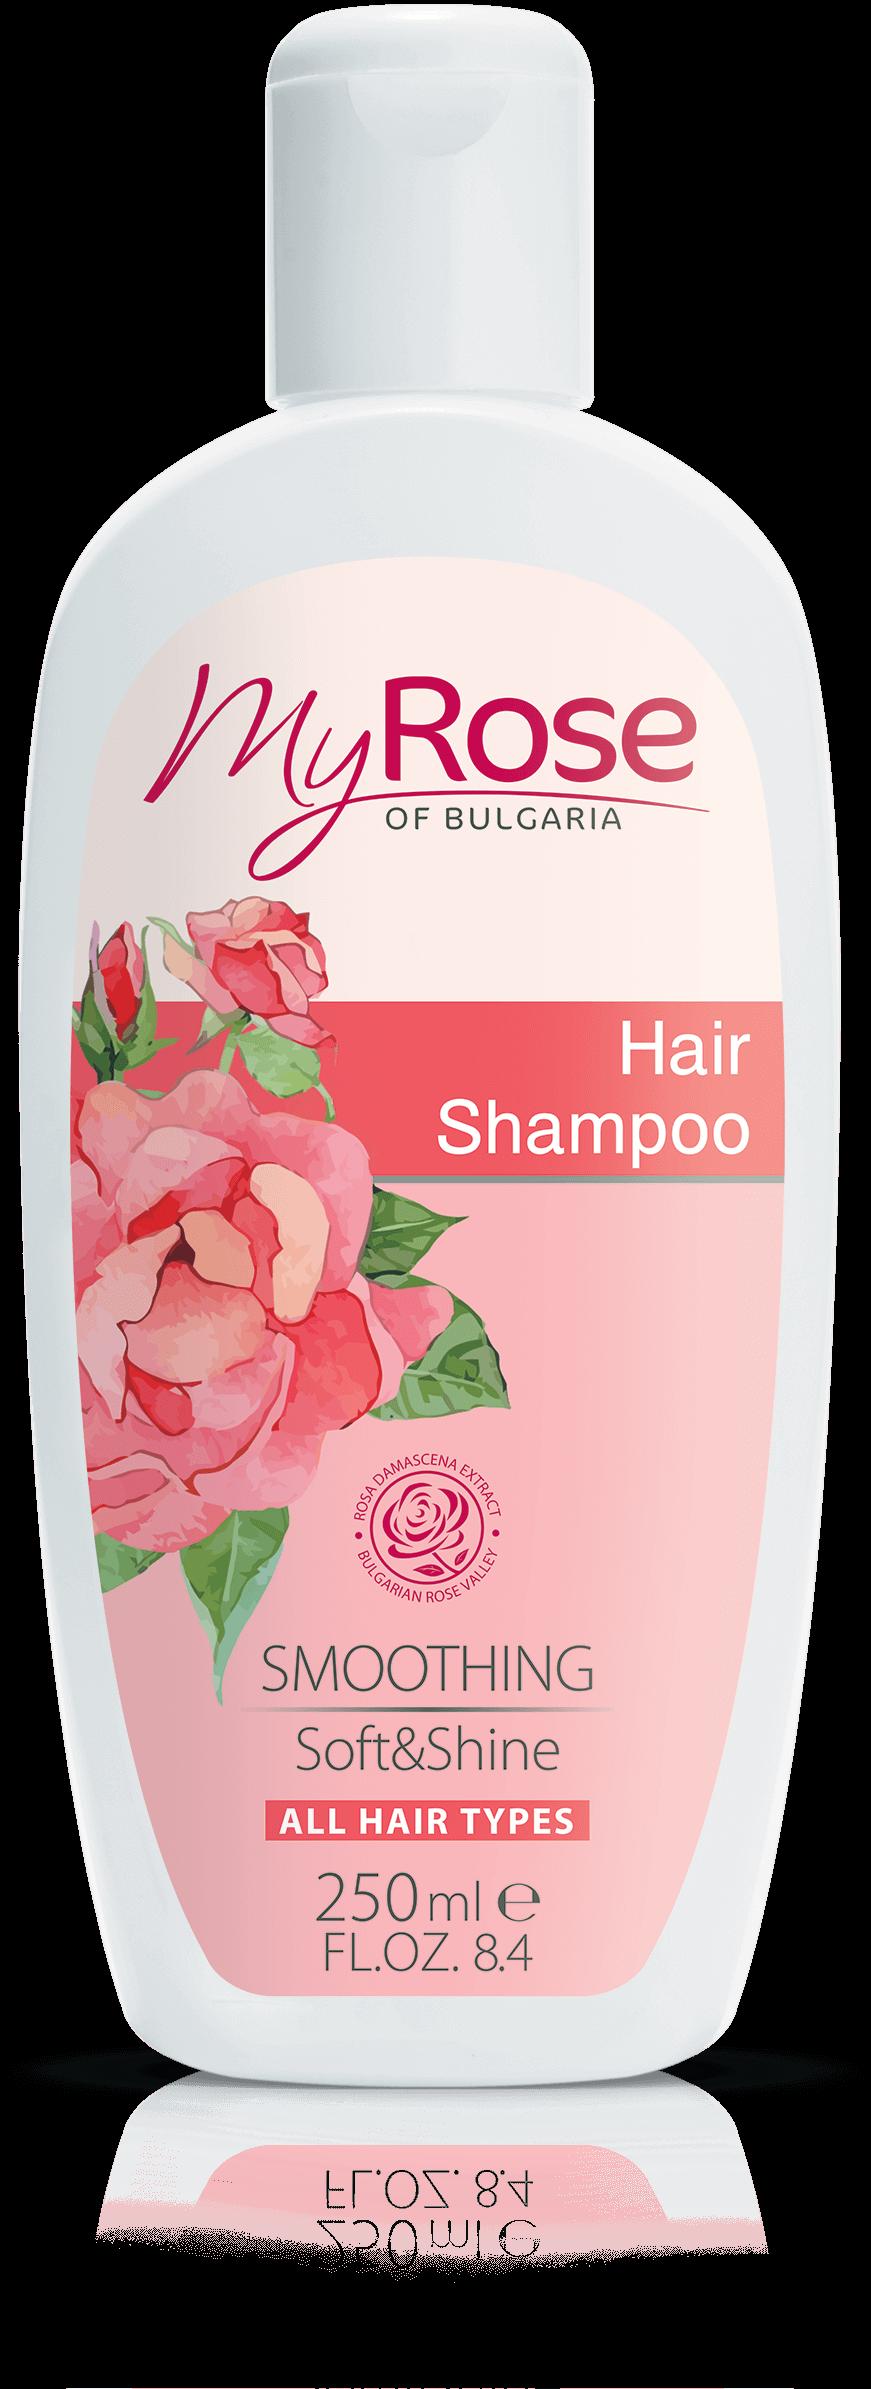 Шампоан за коса